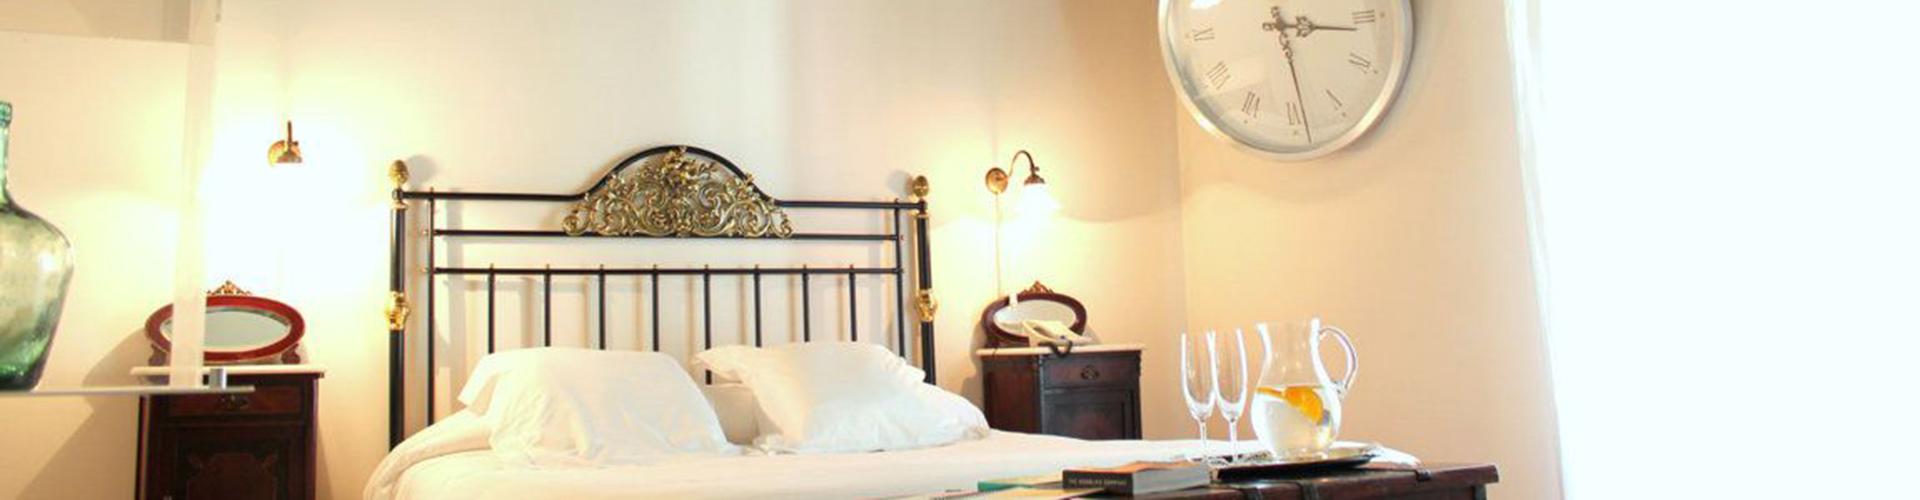 GAR-ANAT HOTEL BOUTIQUE (4)